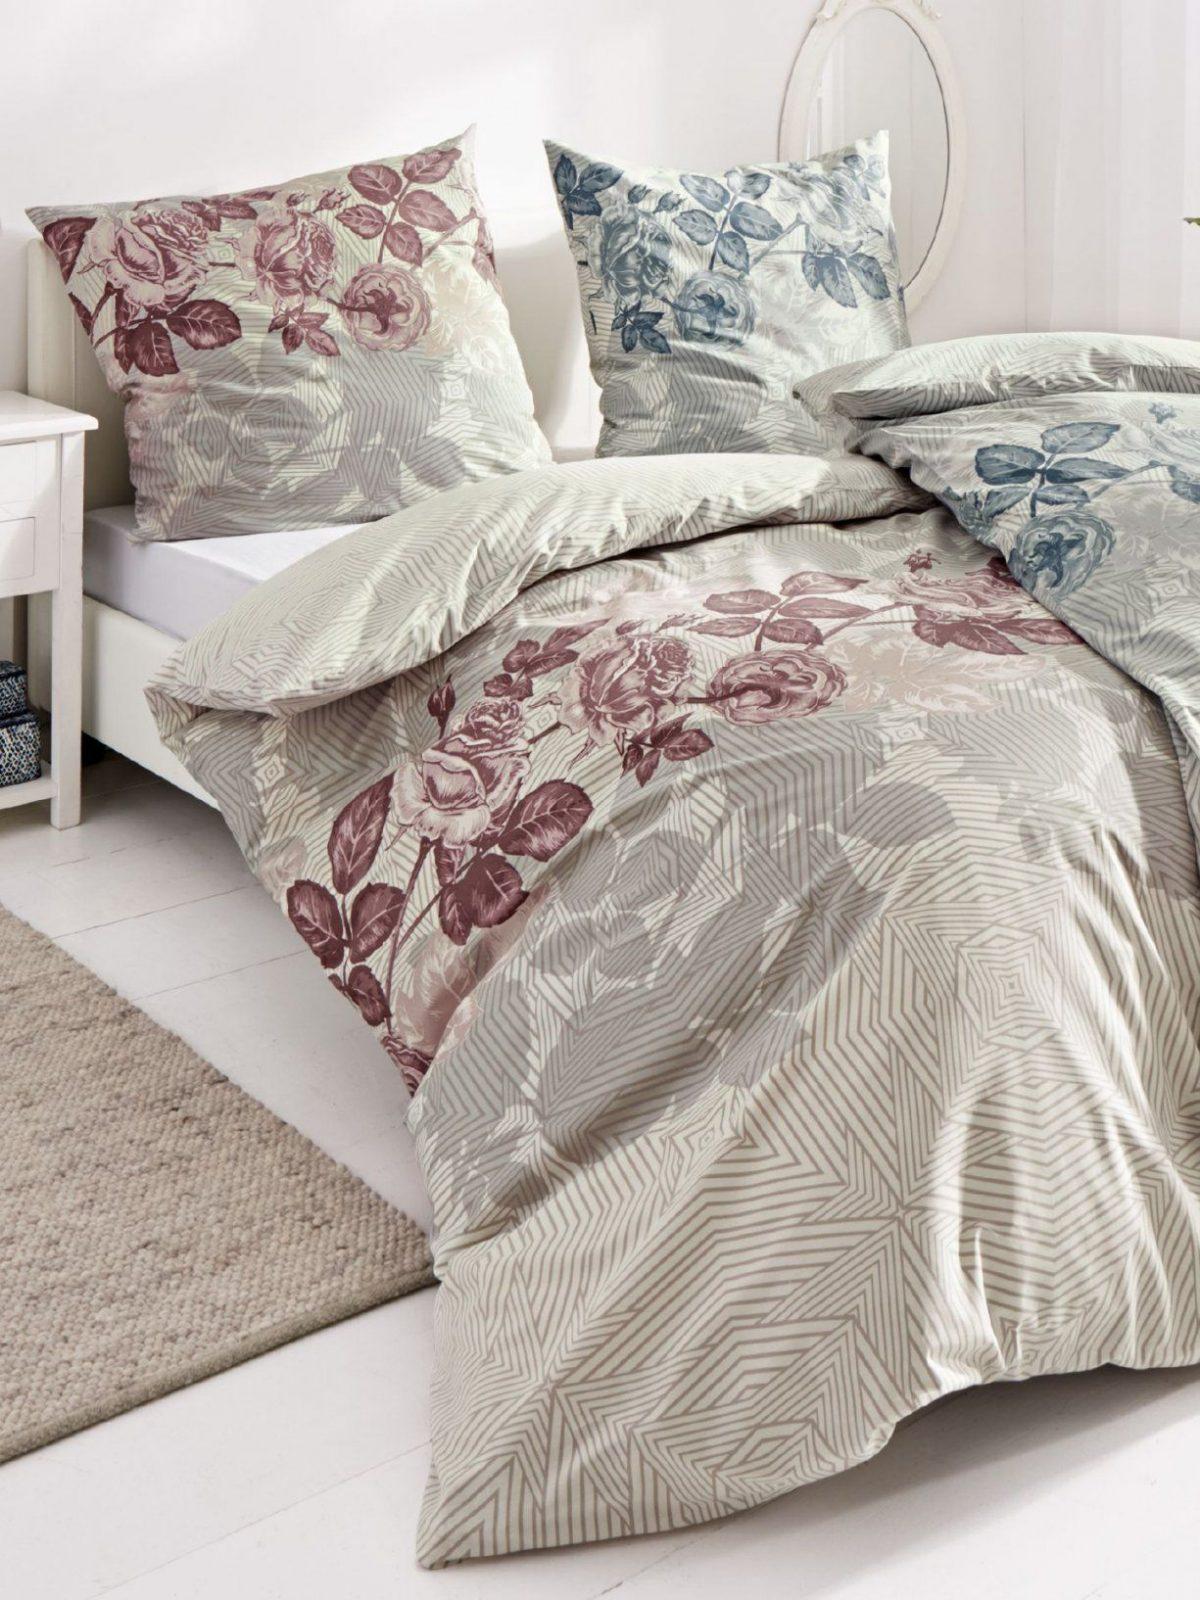 Bettwäsche Baumwolle Rot Weiß Preisvergleich • Die Besten Angebote von Bettwäsche Totenkopf Motiv Photo